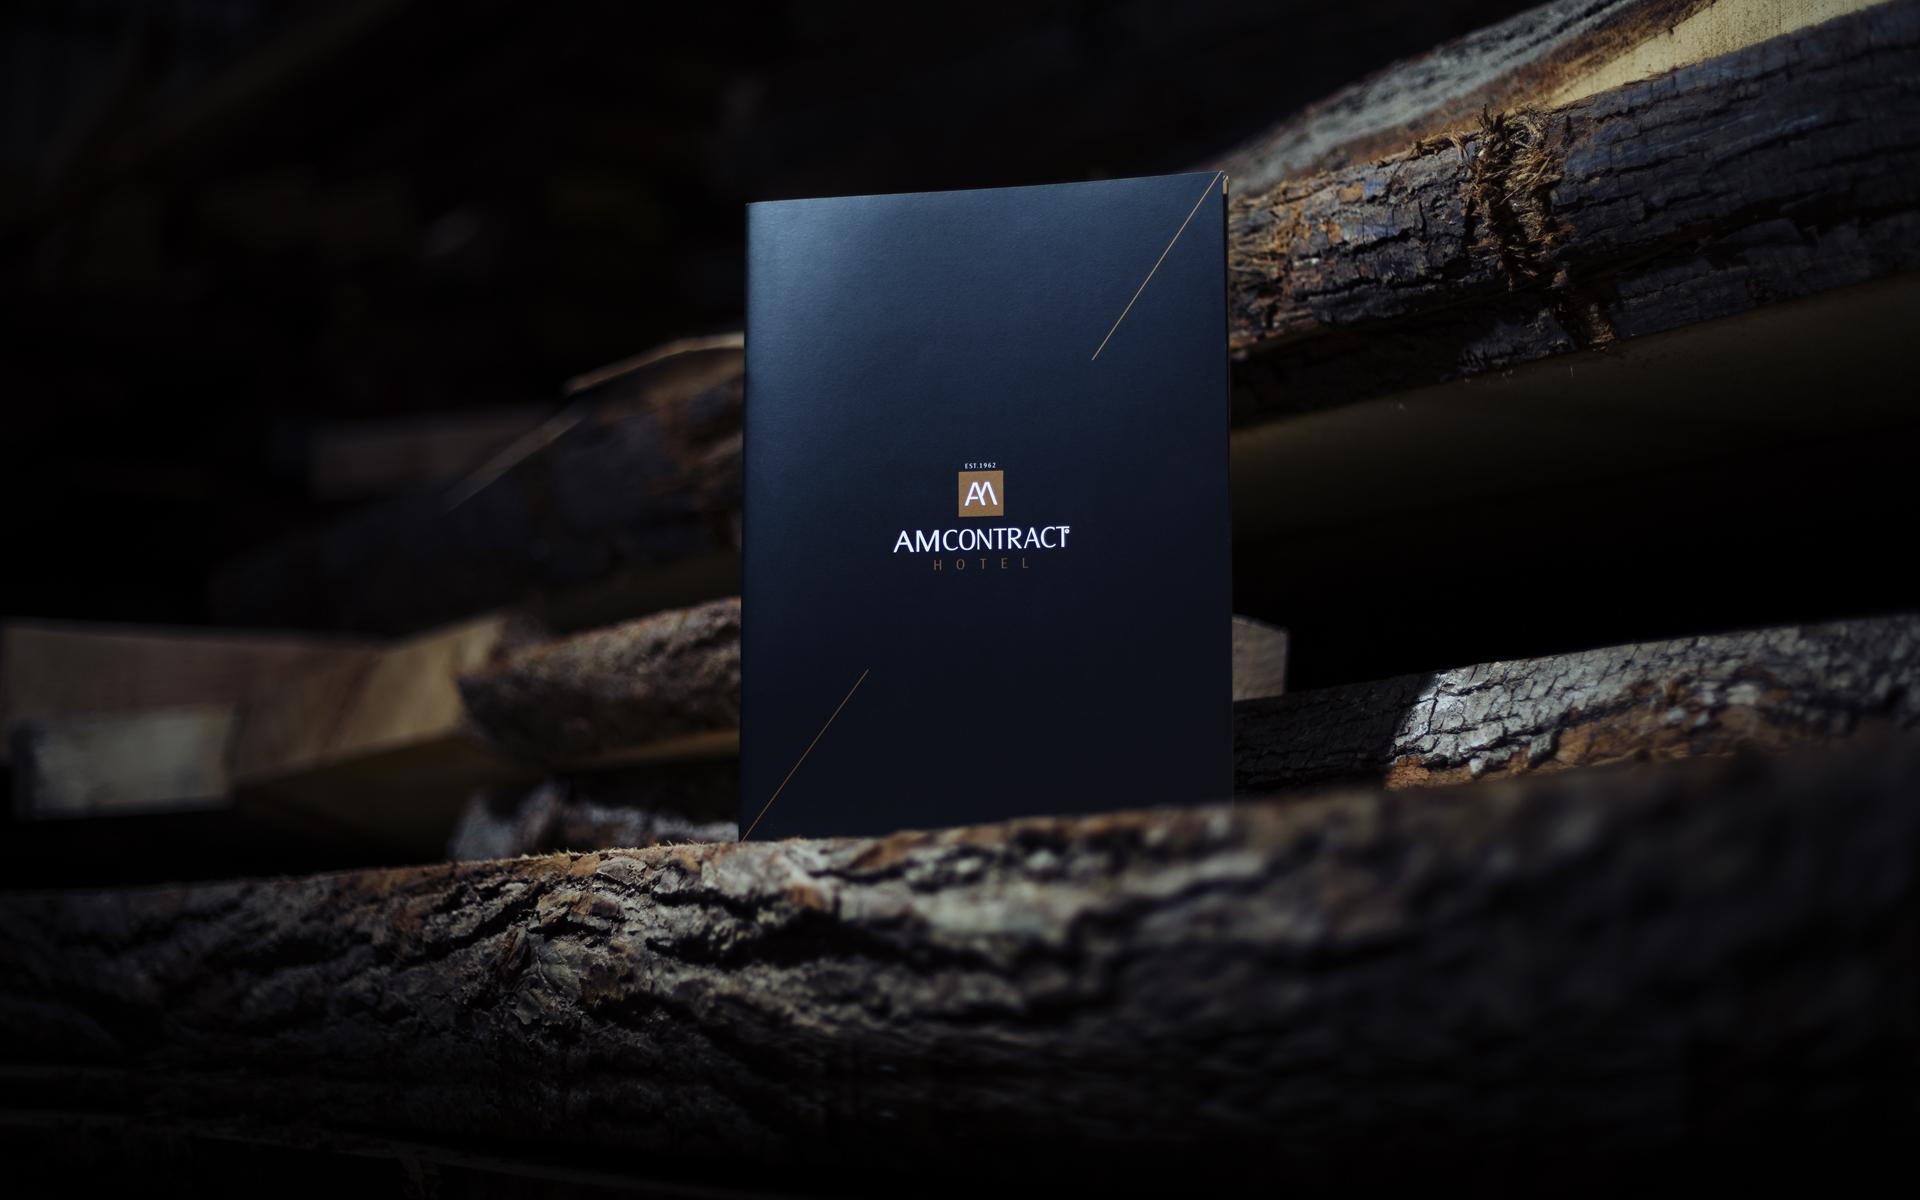 Exclusividade, qualidade e design são apenas algumas das características que definem a nova identidade da marca